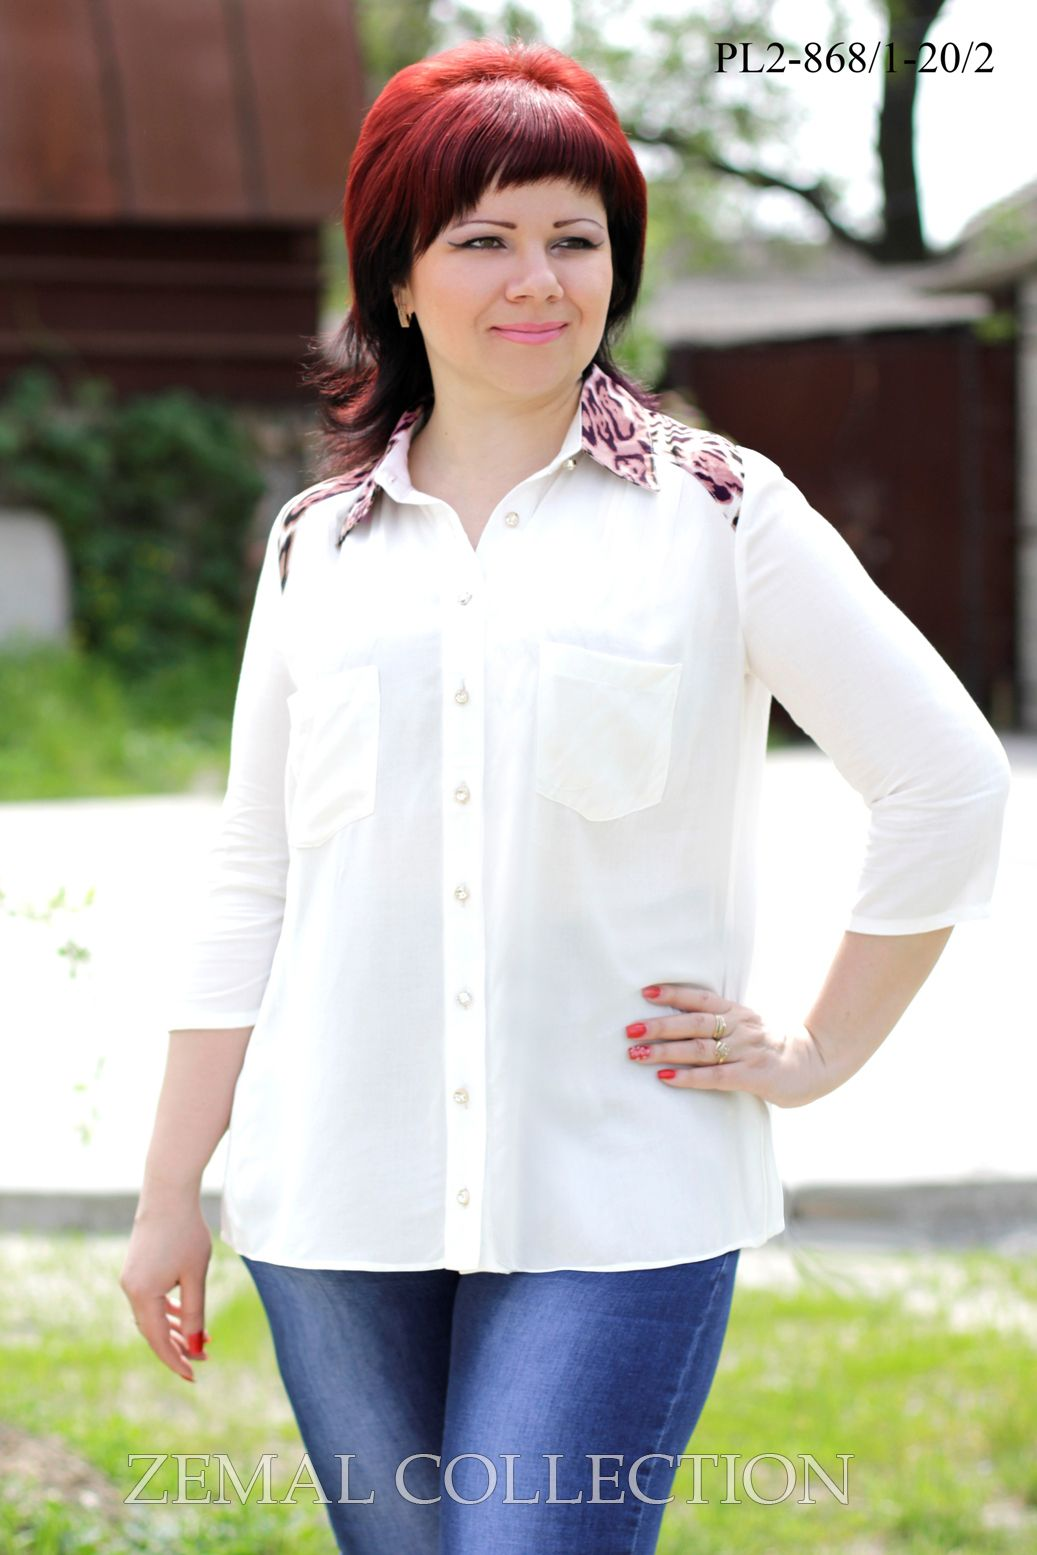 Блуза PL2-868.1 купить на сайте производителя